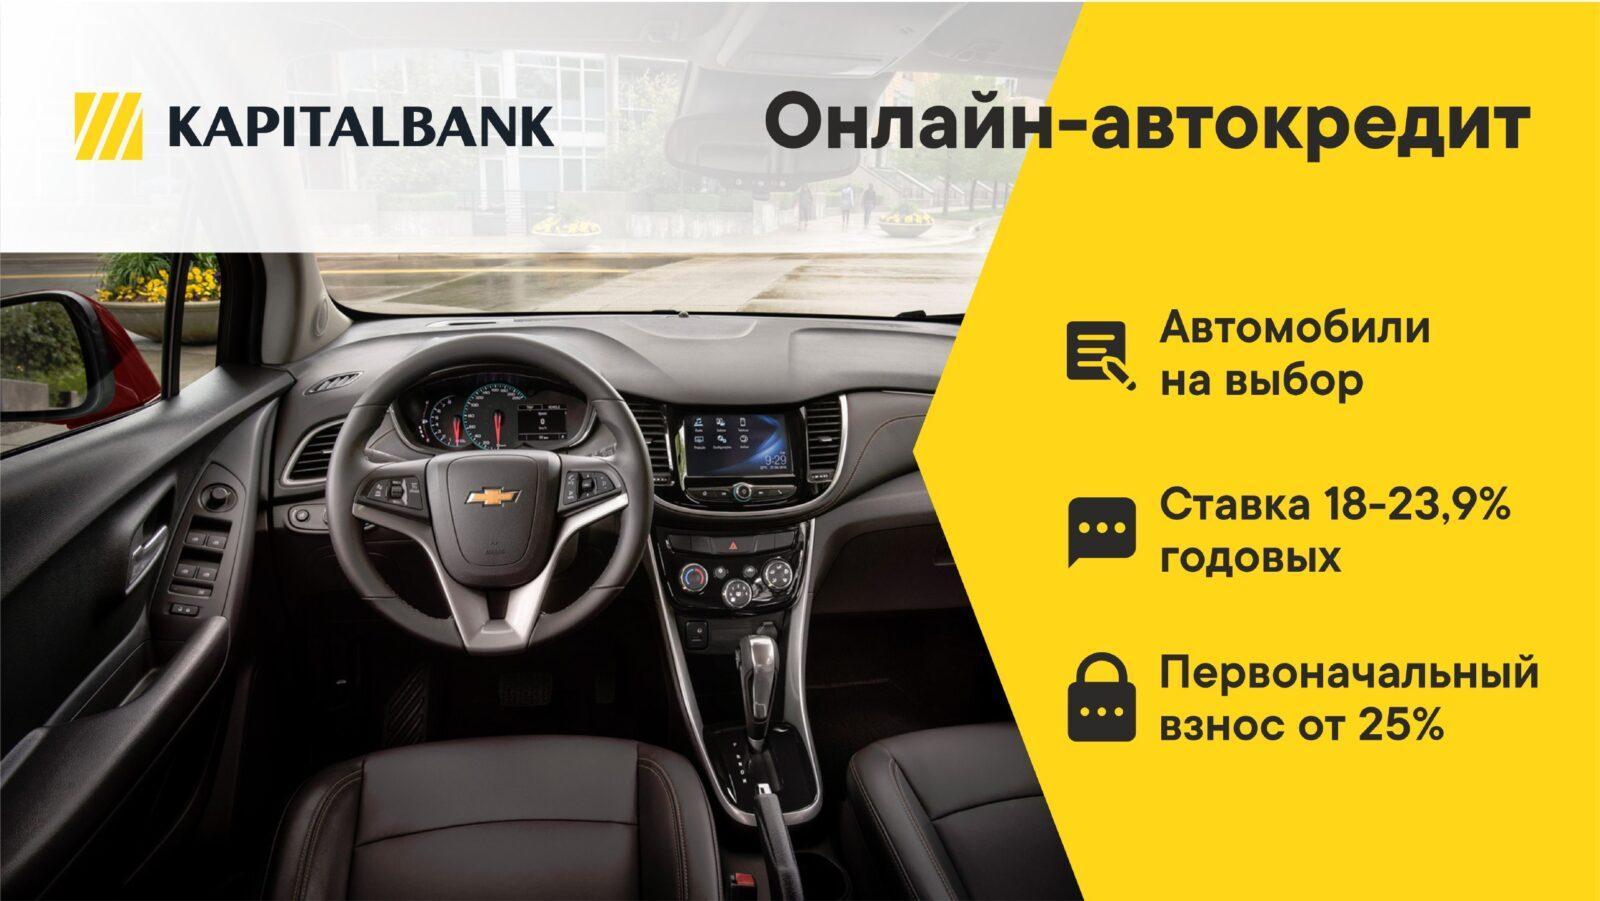 Купить автомобиль в онлайн-кредит - в «Капиталбанке»!